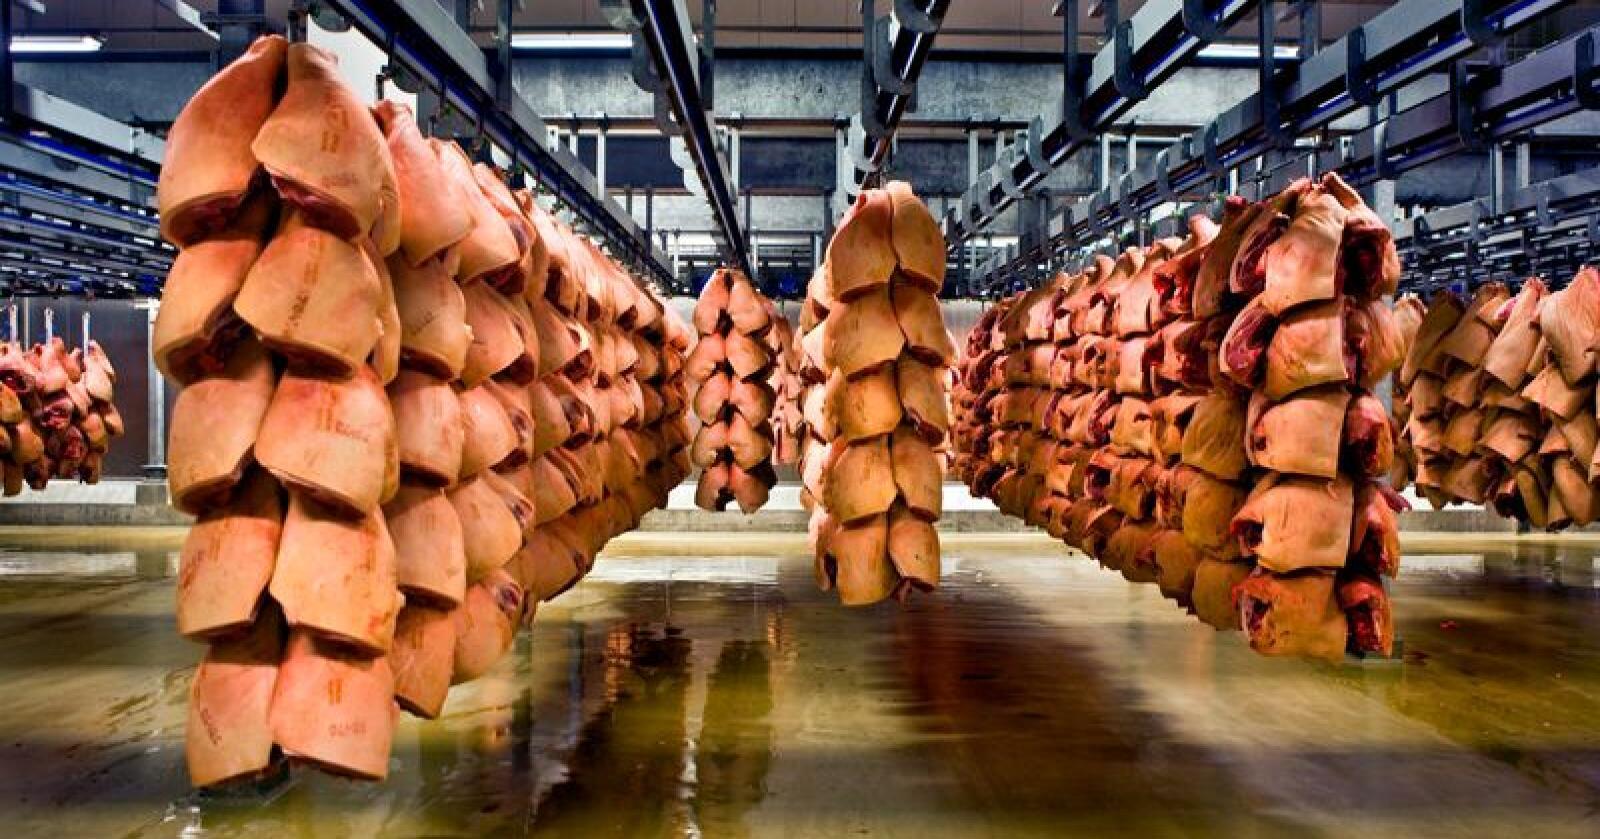 Også handelen med fersk svinekjøtt på verdensmarkedet har blitt kraftig påvirket av koronavirusets spredning, og av kampen mot smittespredning. Her sees svinekjøtt på lager hos Danish Crown i Danmark. Foto: Per Gudmann